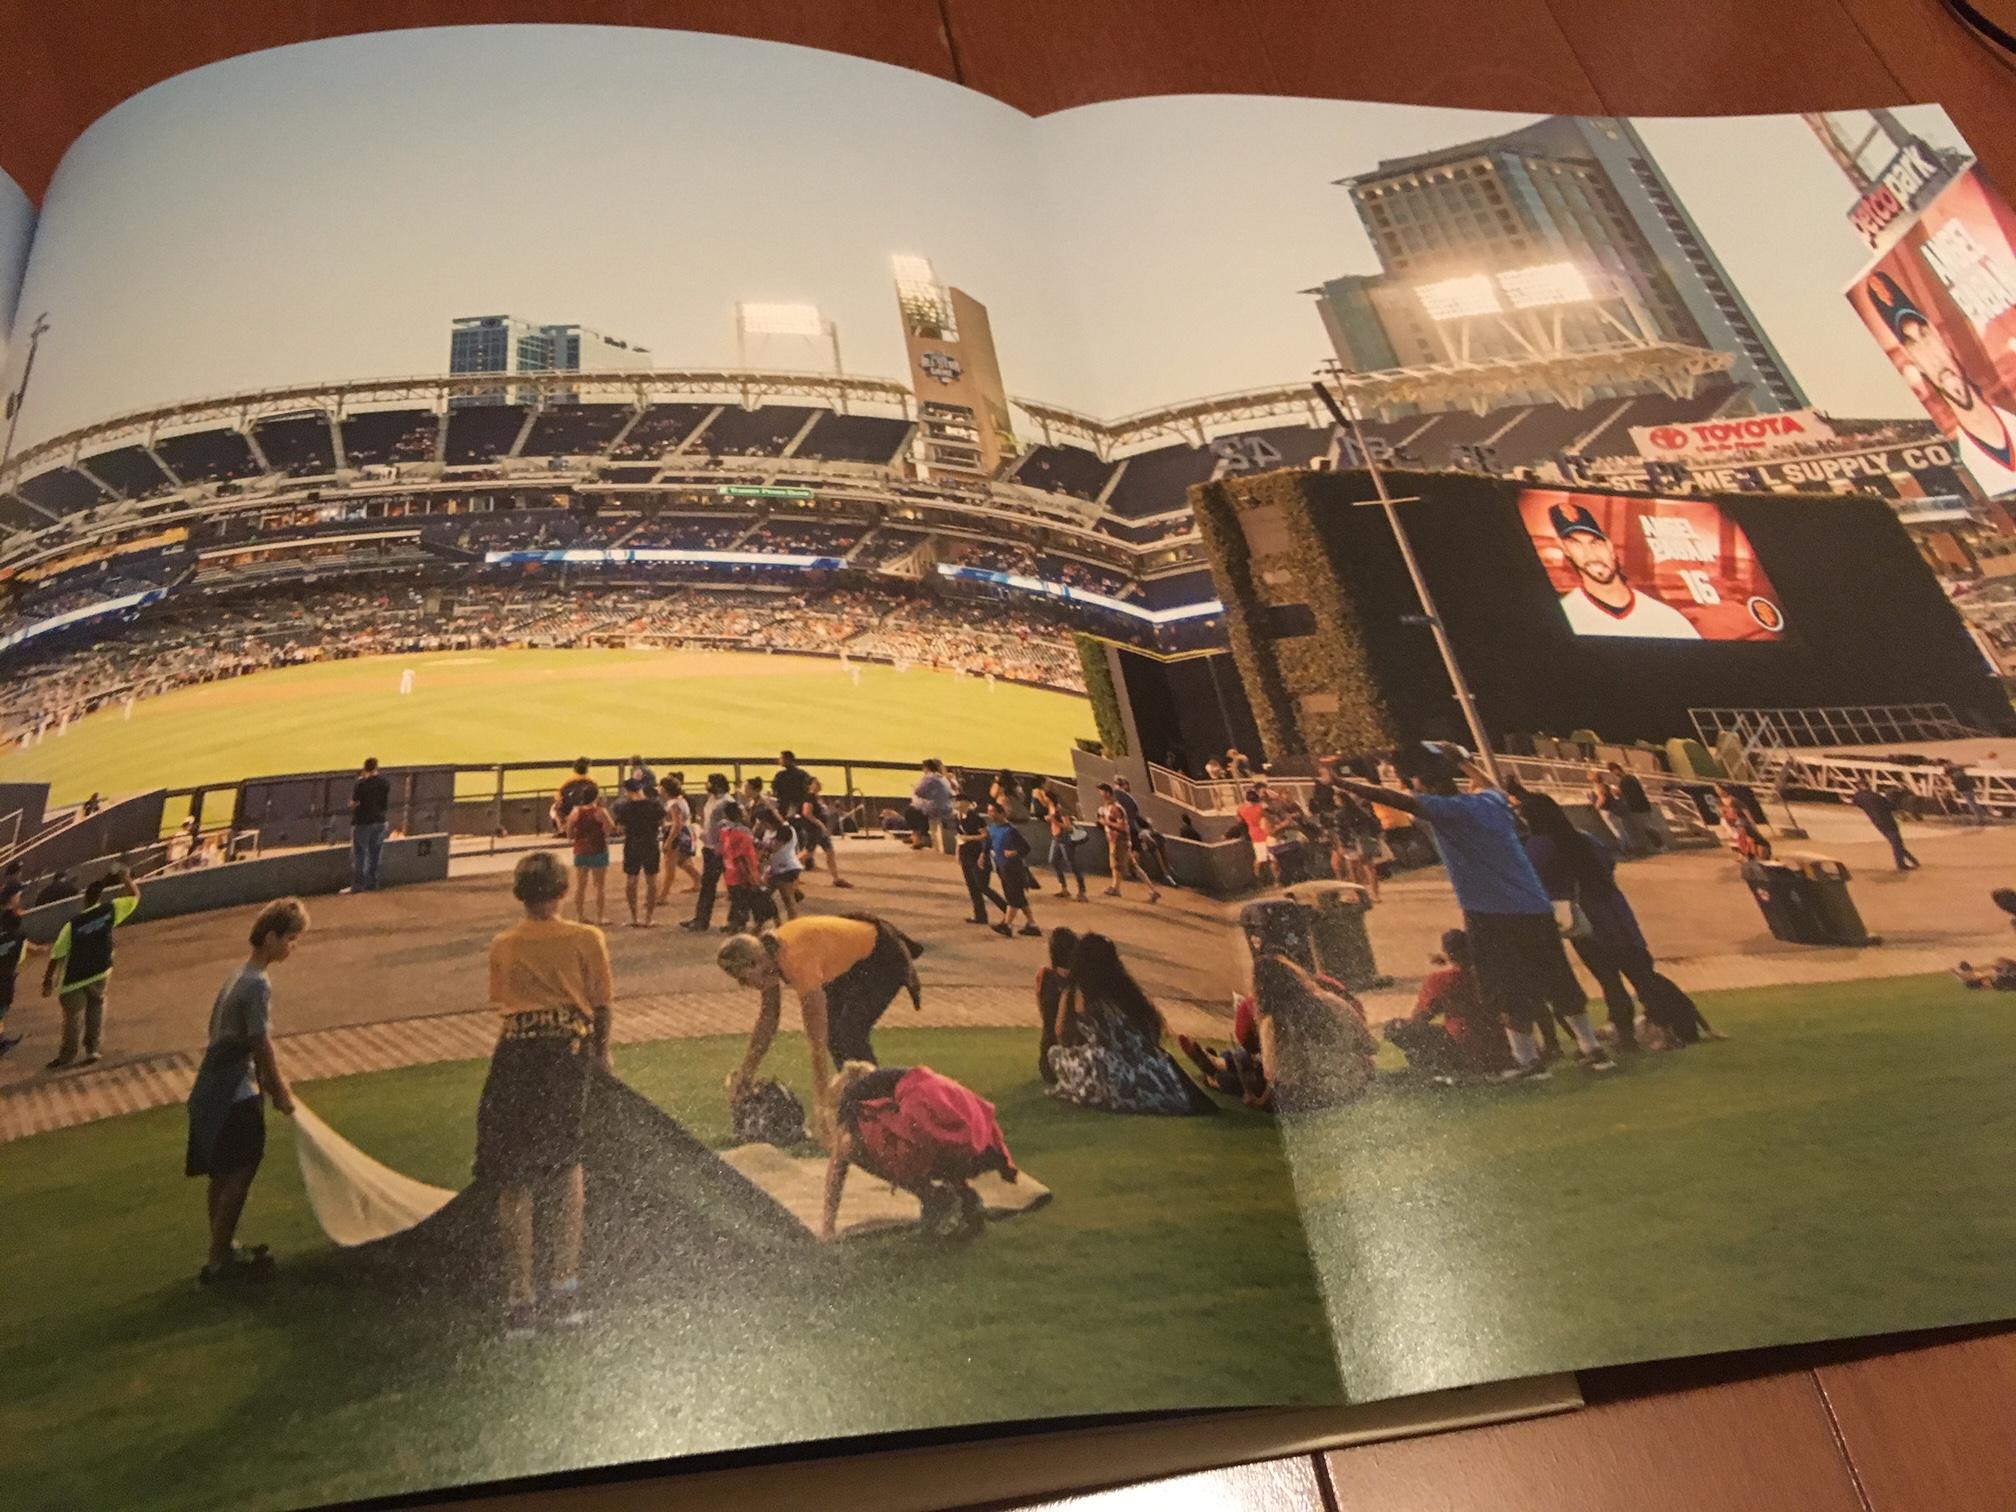 ベイスターズの「BALLPARK」買って、改めて野球にわくわくしてる。